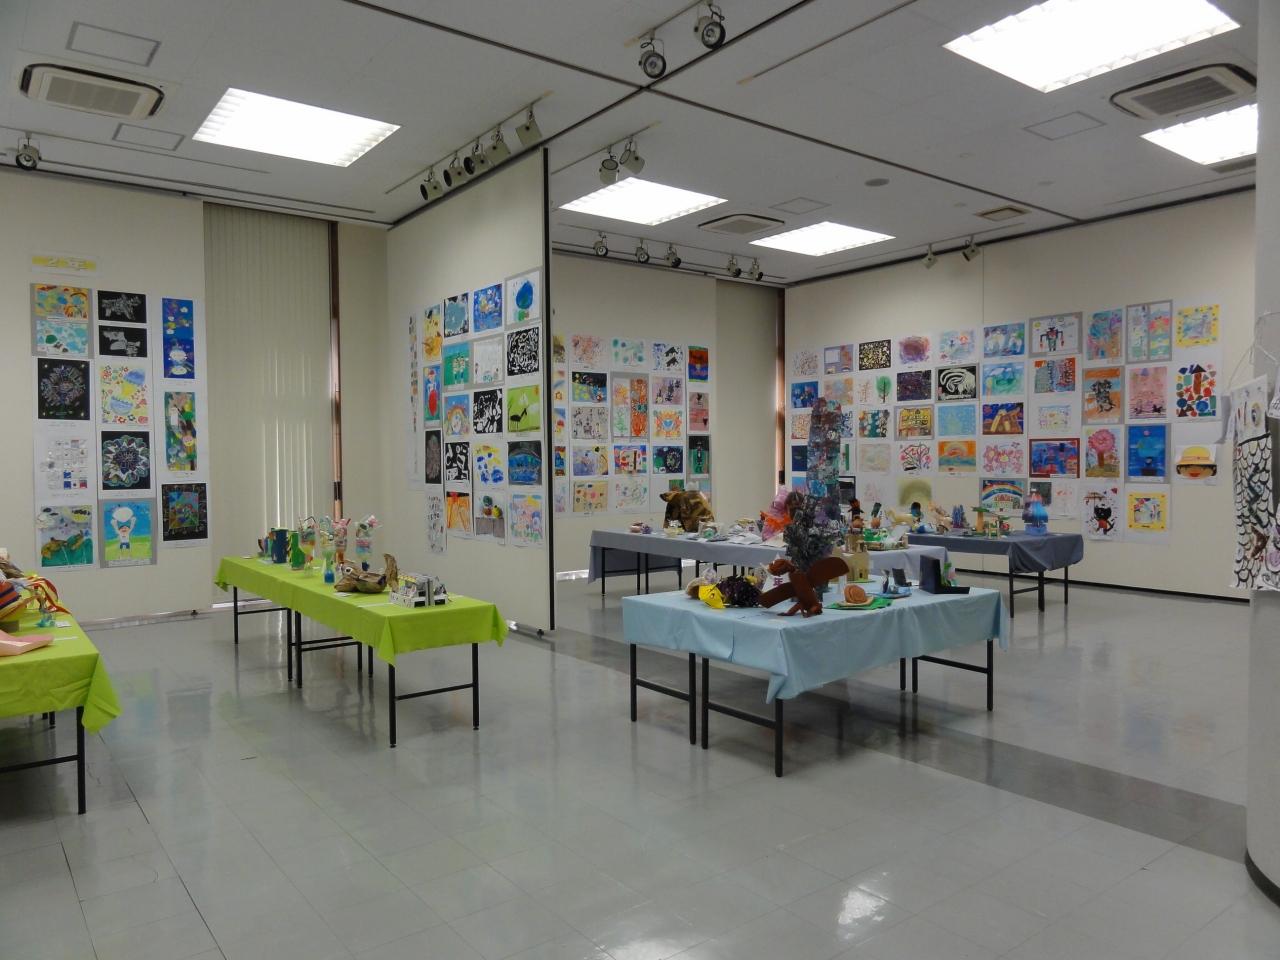 のビル展(令和元年度新宿区立小学校図画工作作品展)